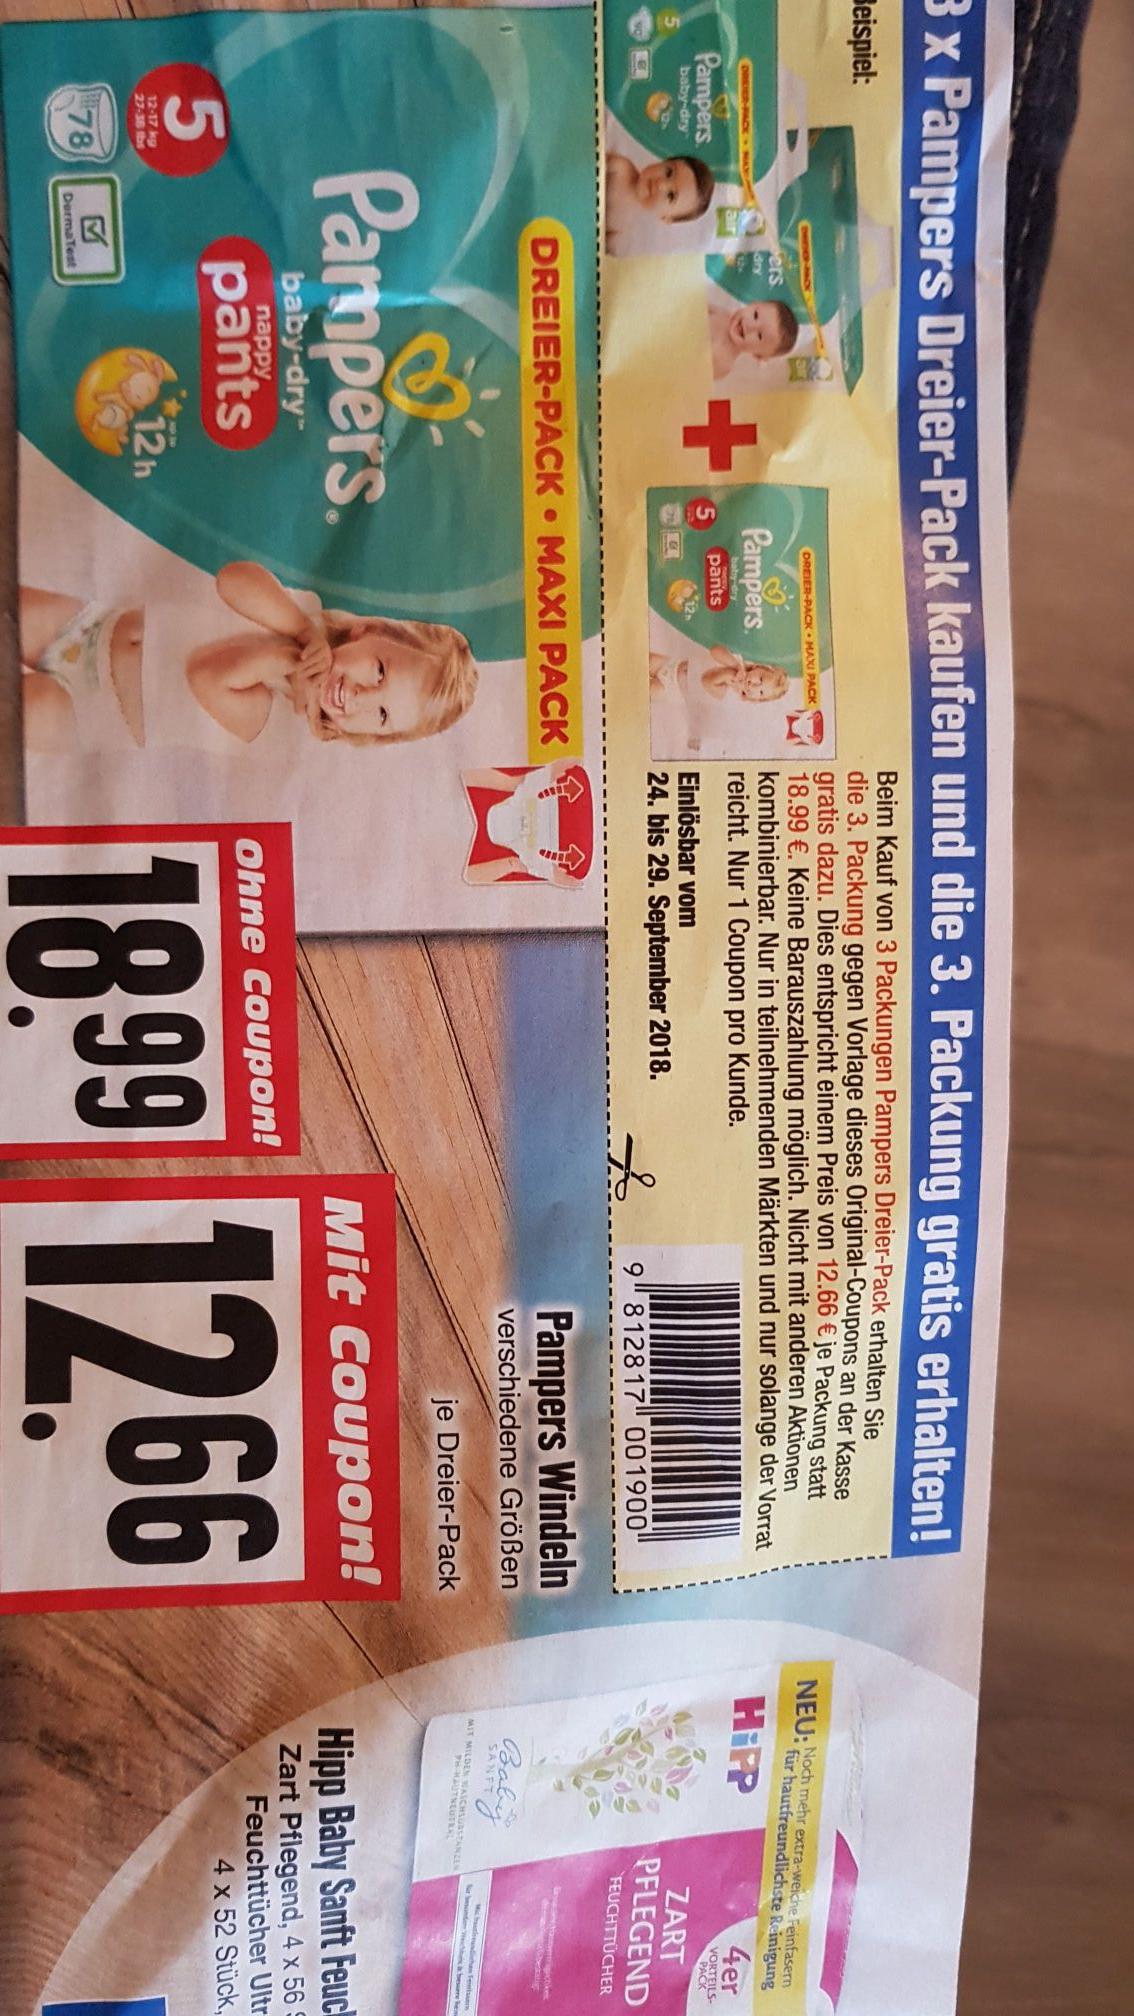 (lokal Edeka) Pampers Dreier Pack 3 für 2 Aktion. (Preis für 3 Pakete)